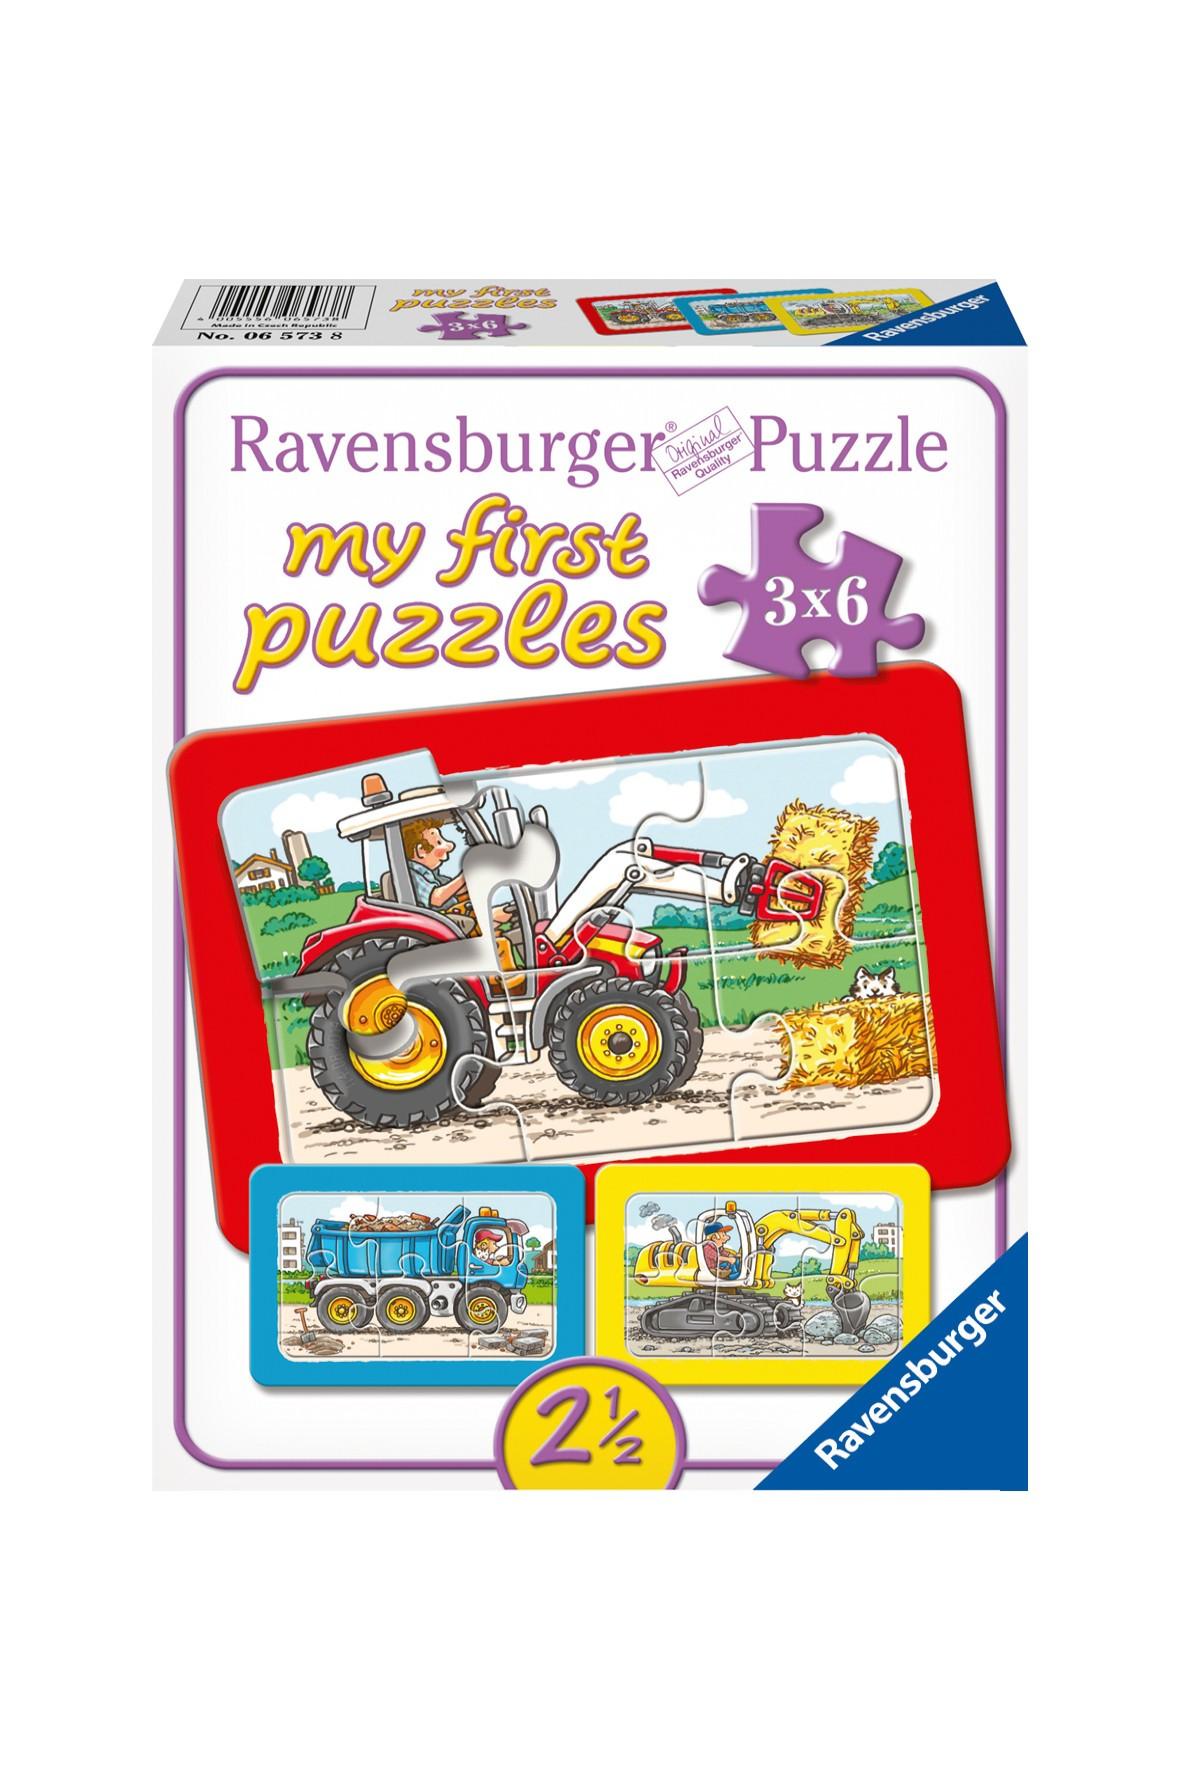 Moje pierwsze puzzle - pojazdy - 3X6 elementów 2,5+